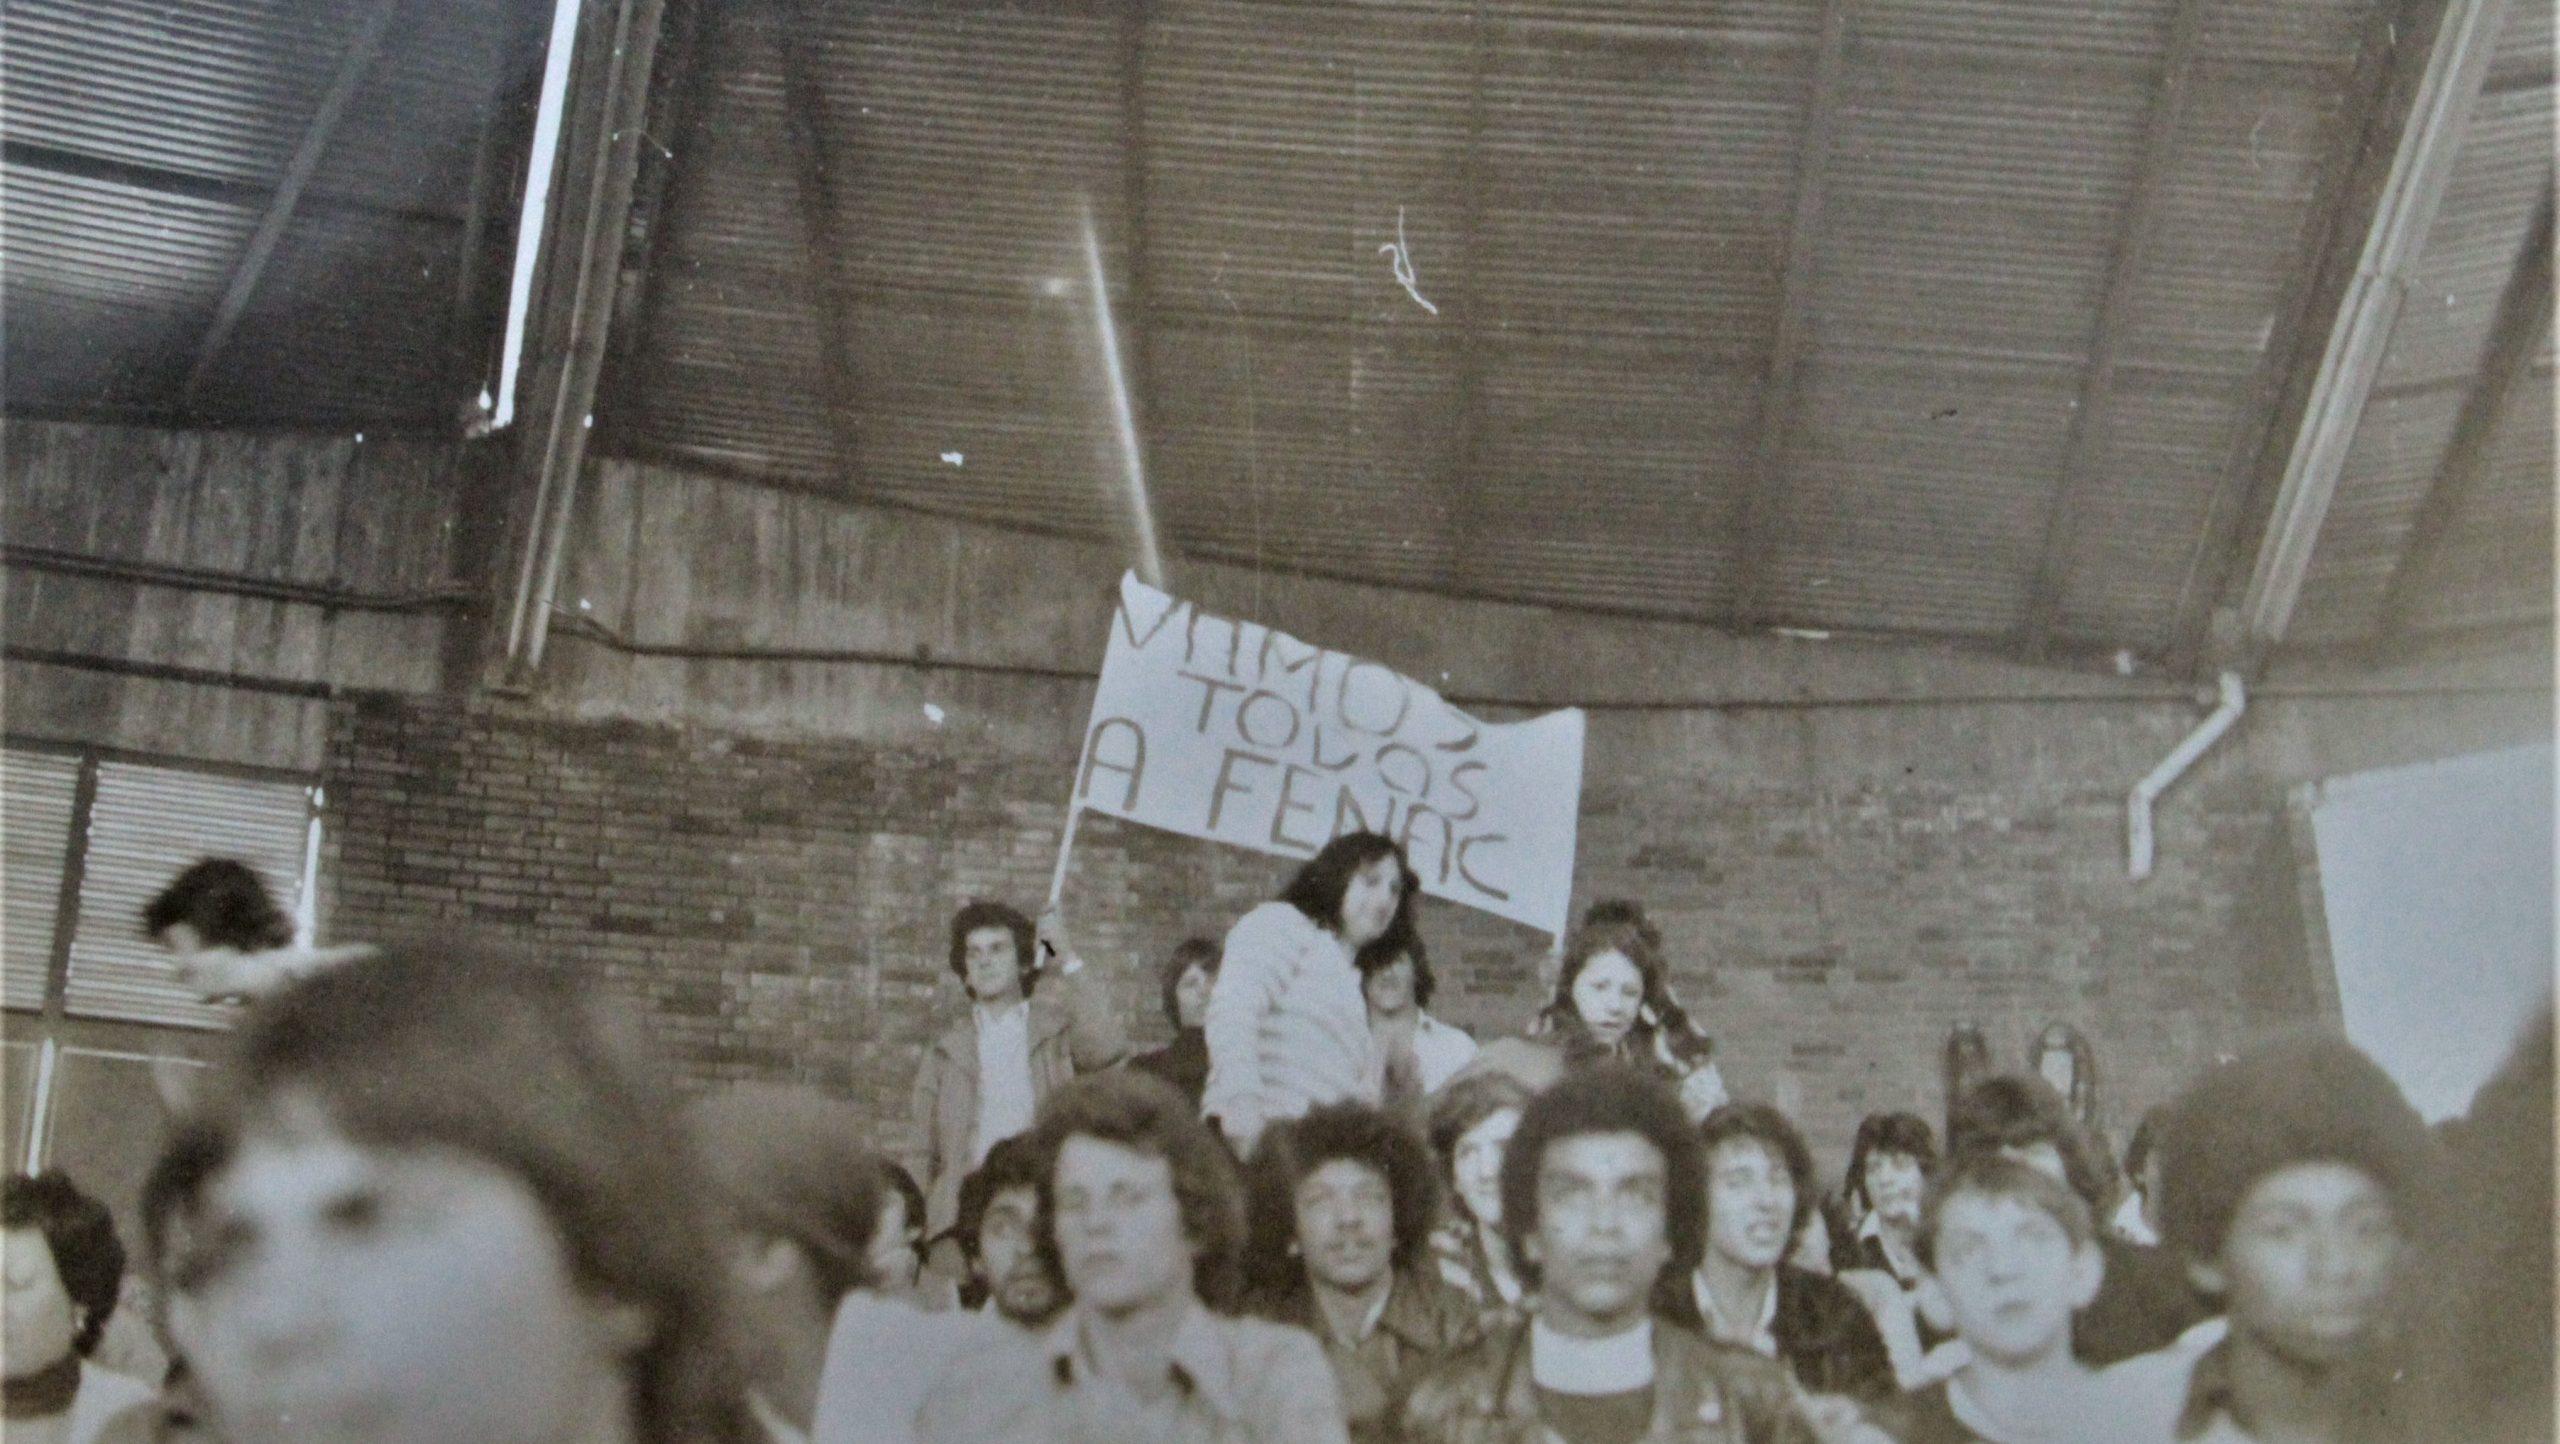 Lugares de Memória dos Trabalhadores #49: Ginásio da FENAC, Novo Hamburgo (RS) – Evandro Machado Luciano